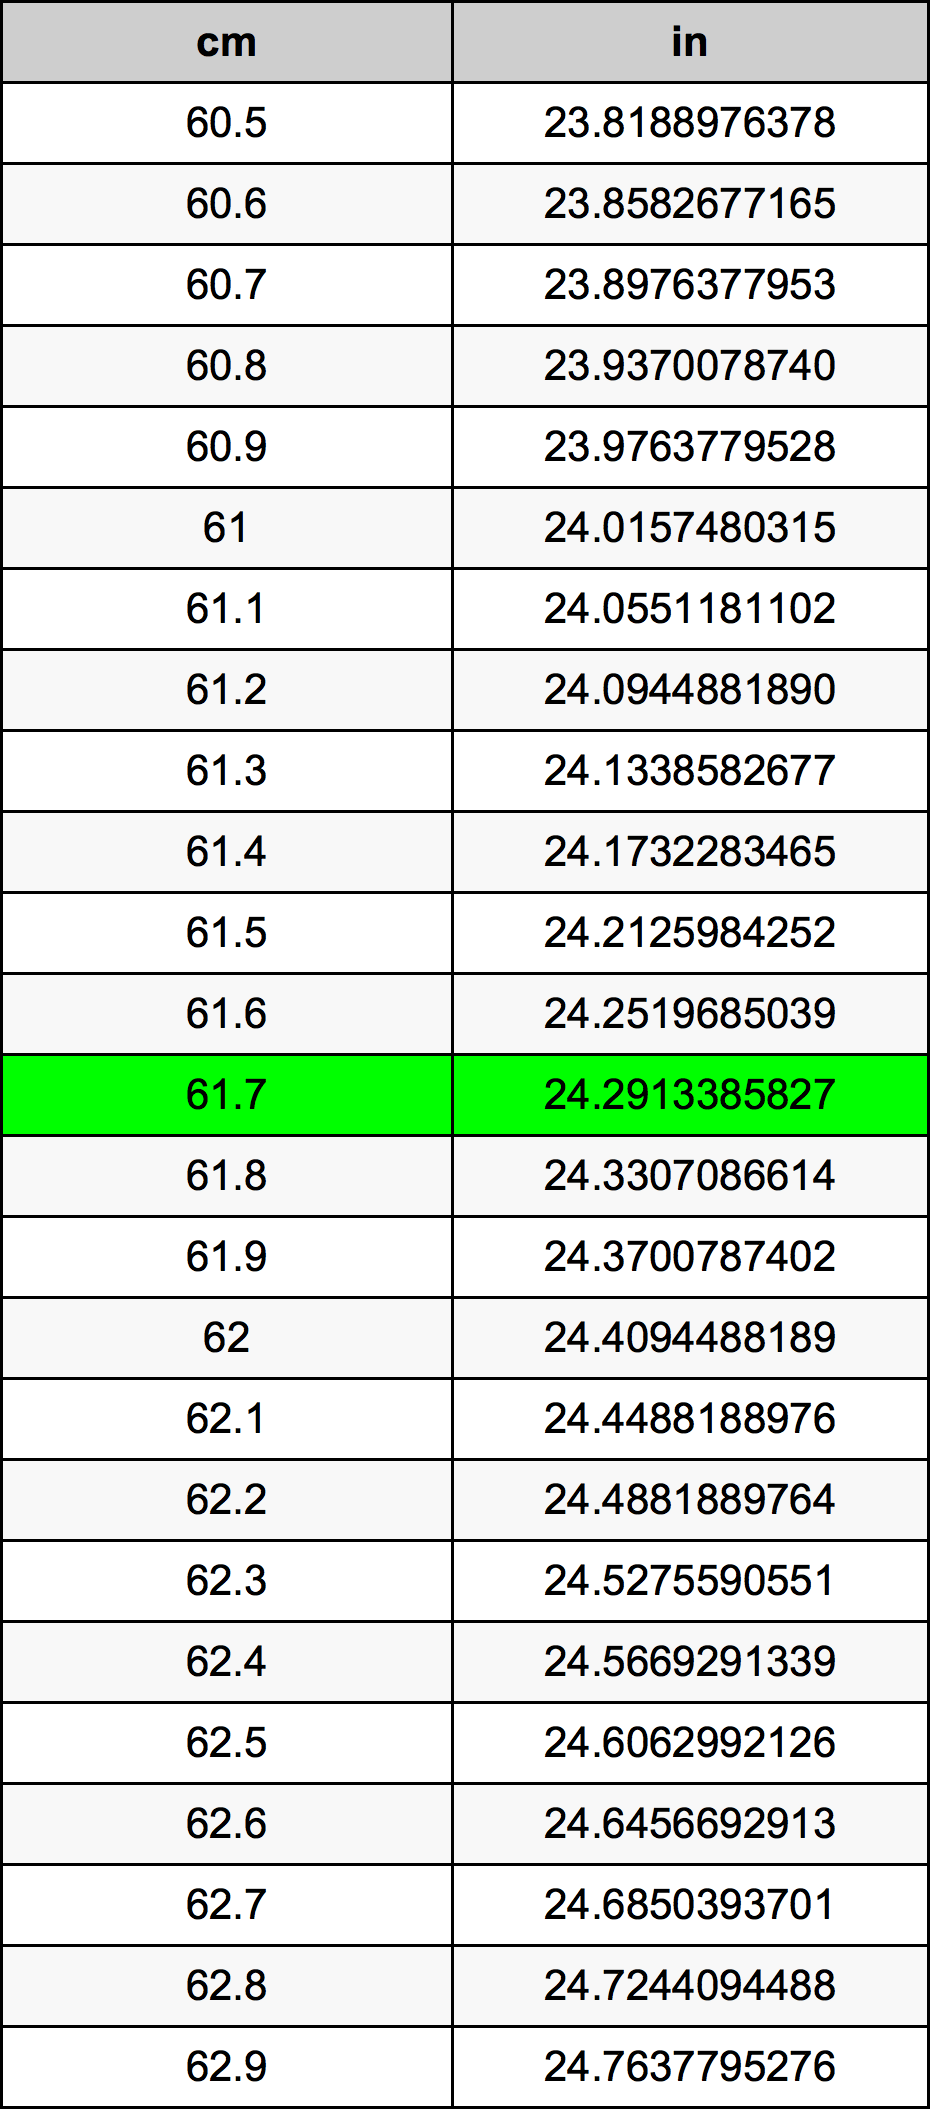 61.7厘米換算表